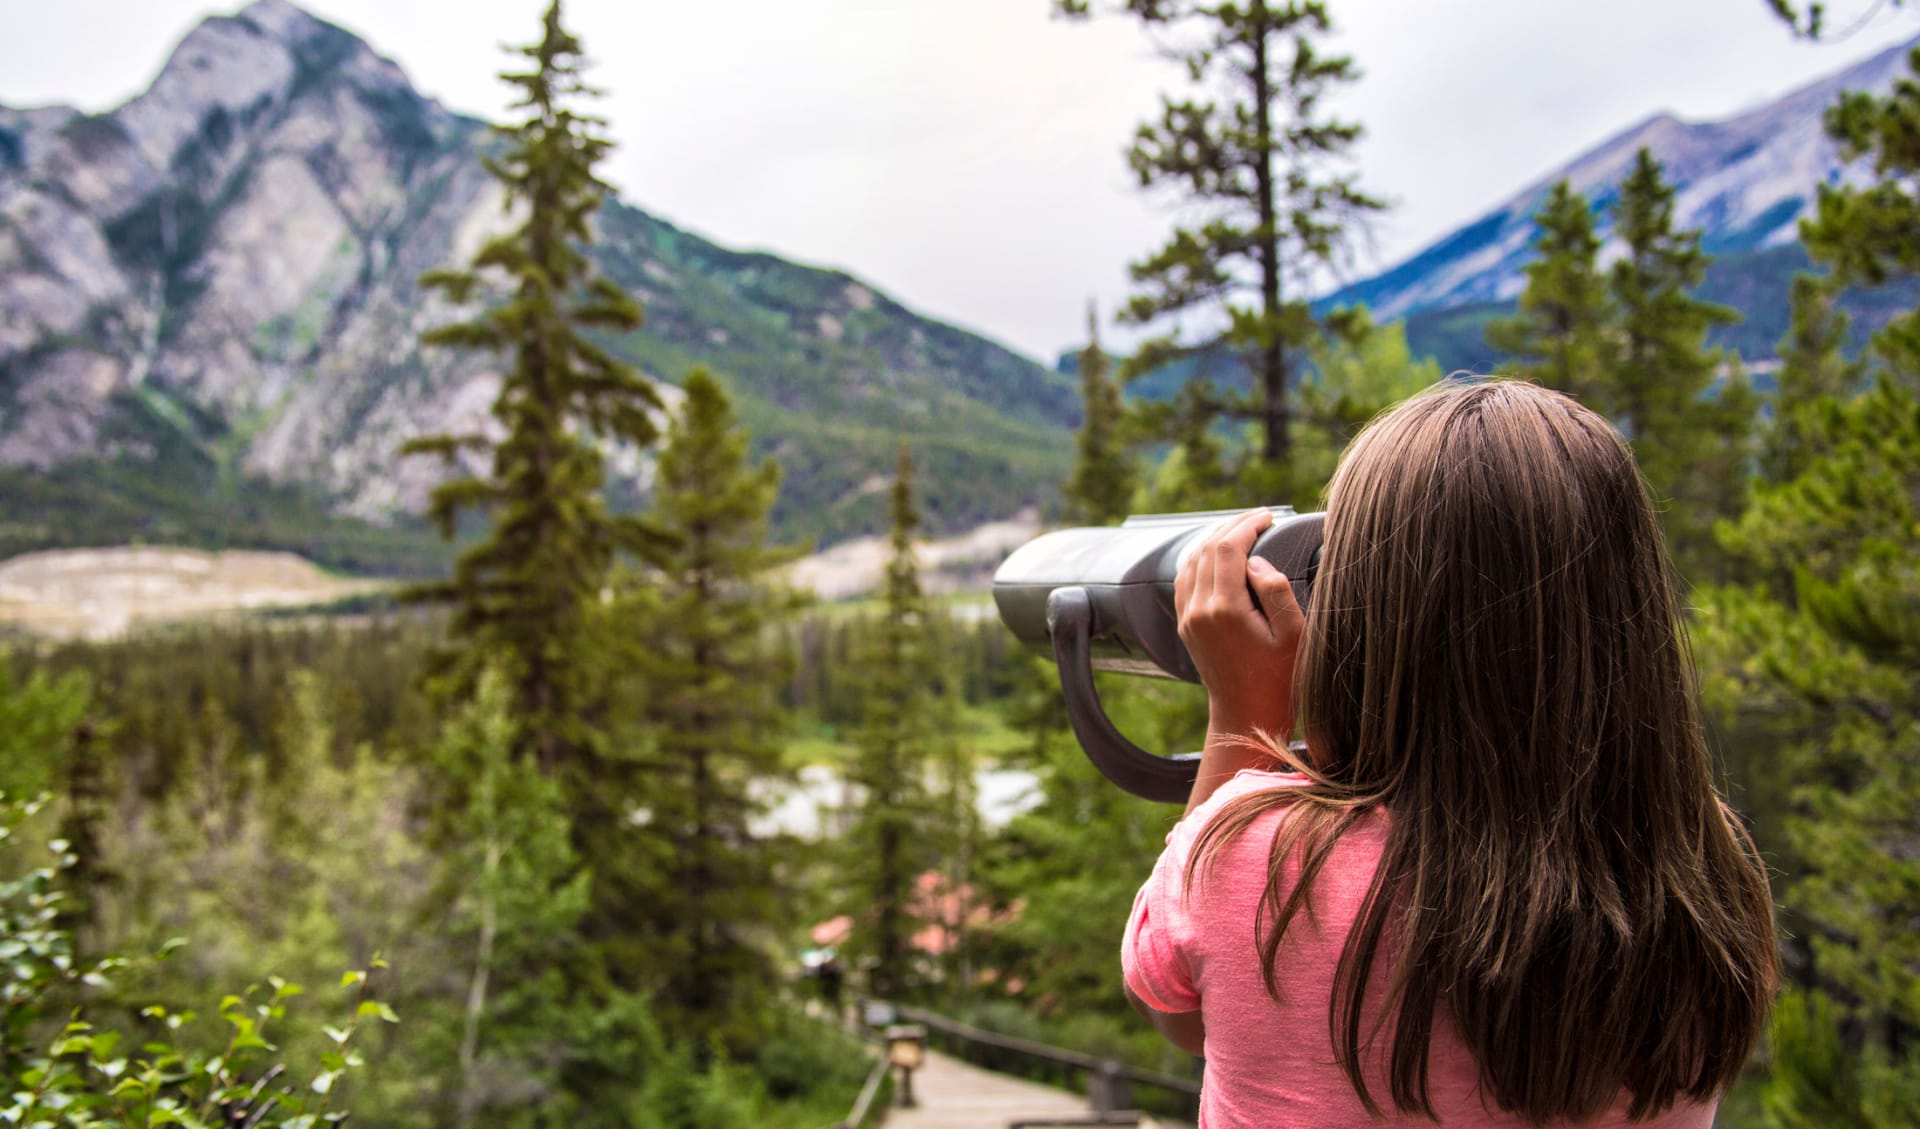 Ein Mädchen schaut durch die Ferngläser im kanadischen Nationalpark Banff